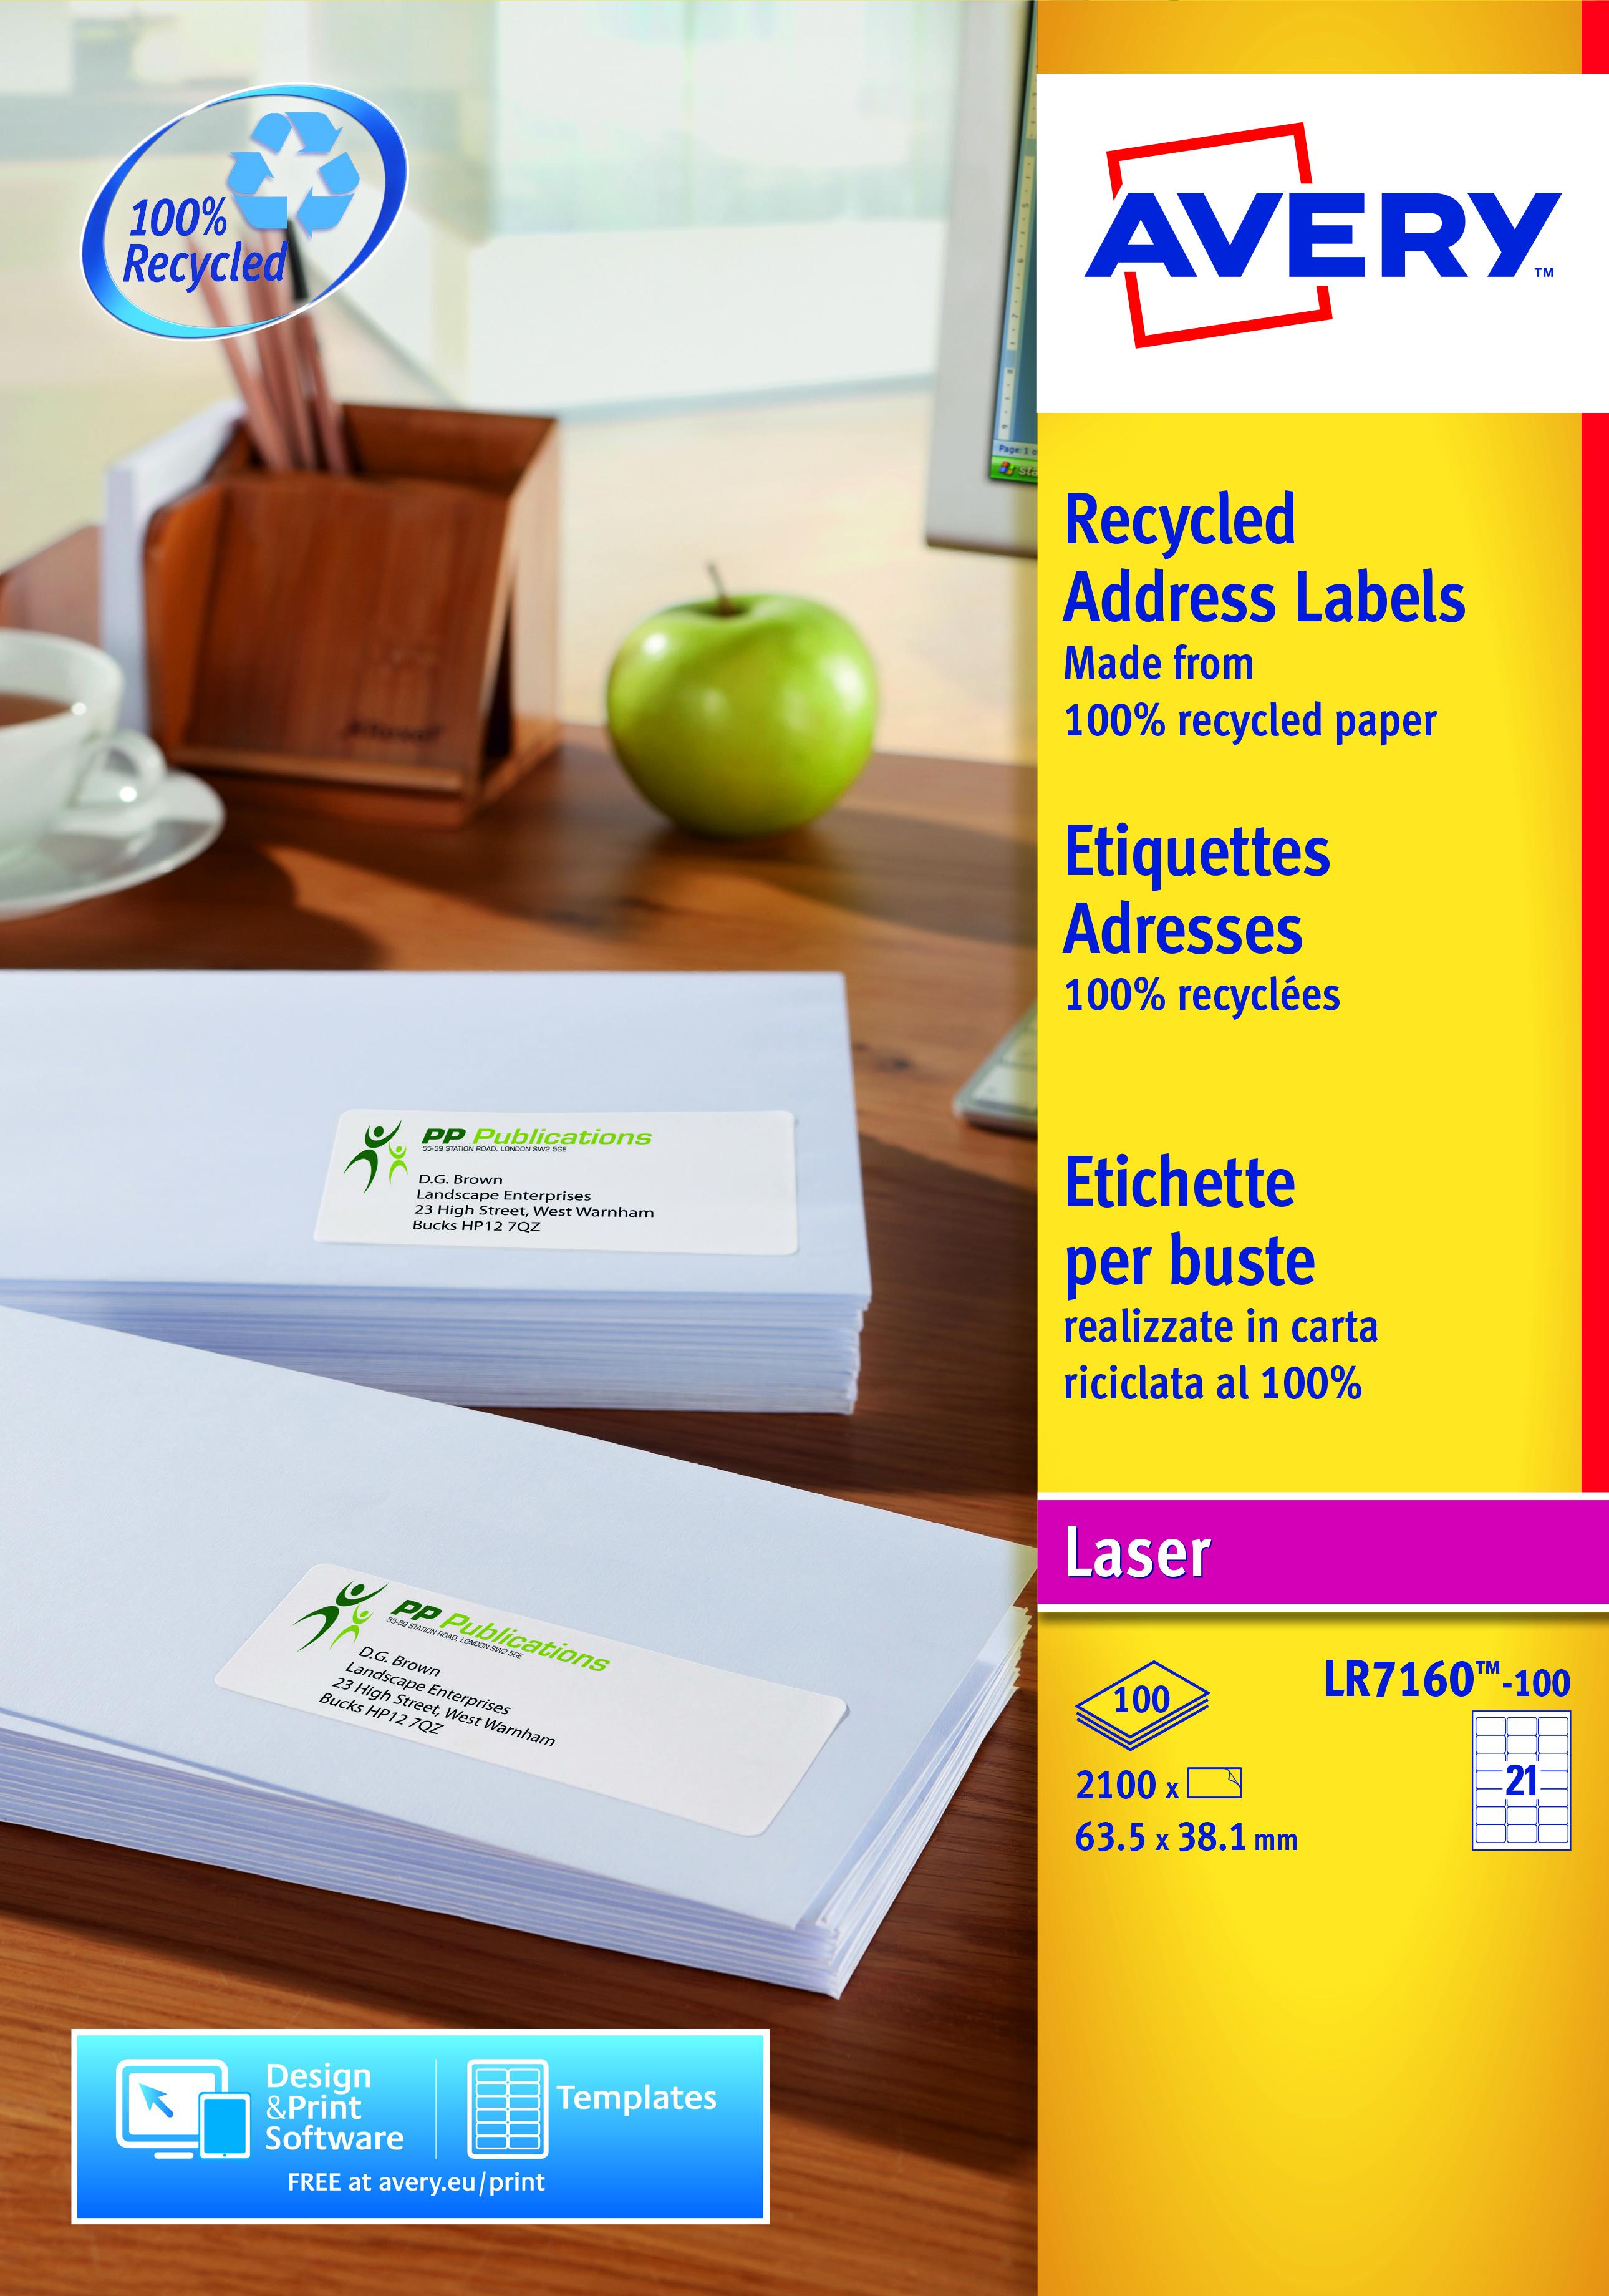 Avery LR7160-100 63.5x38.1mm Recycled Lbls 21 p/sheet PK2100